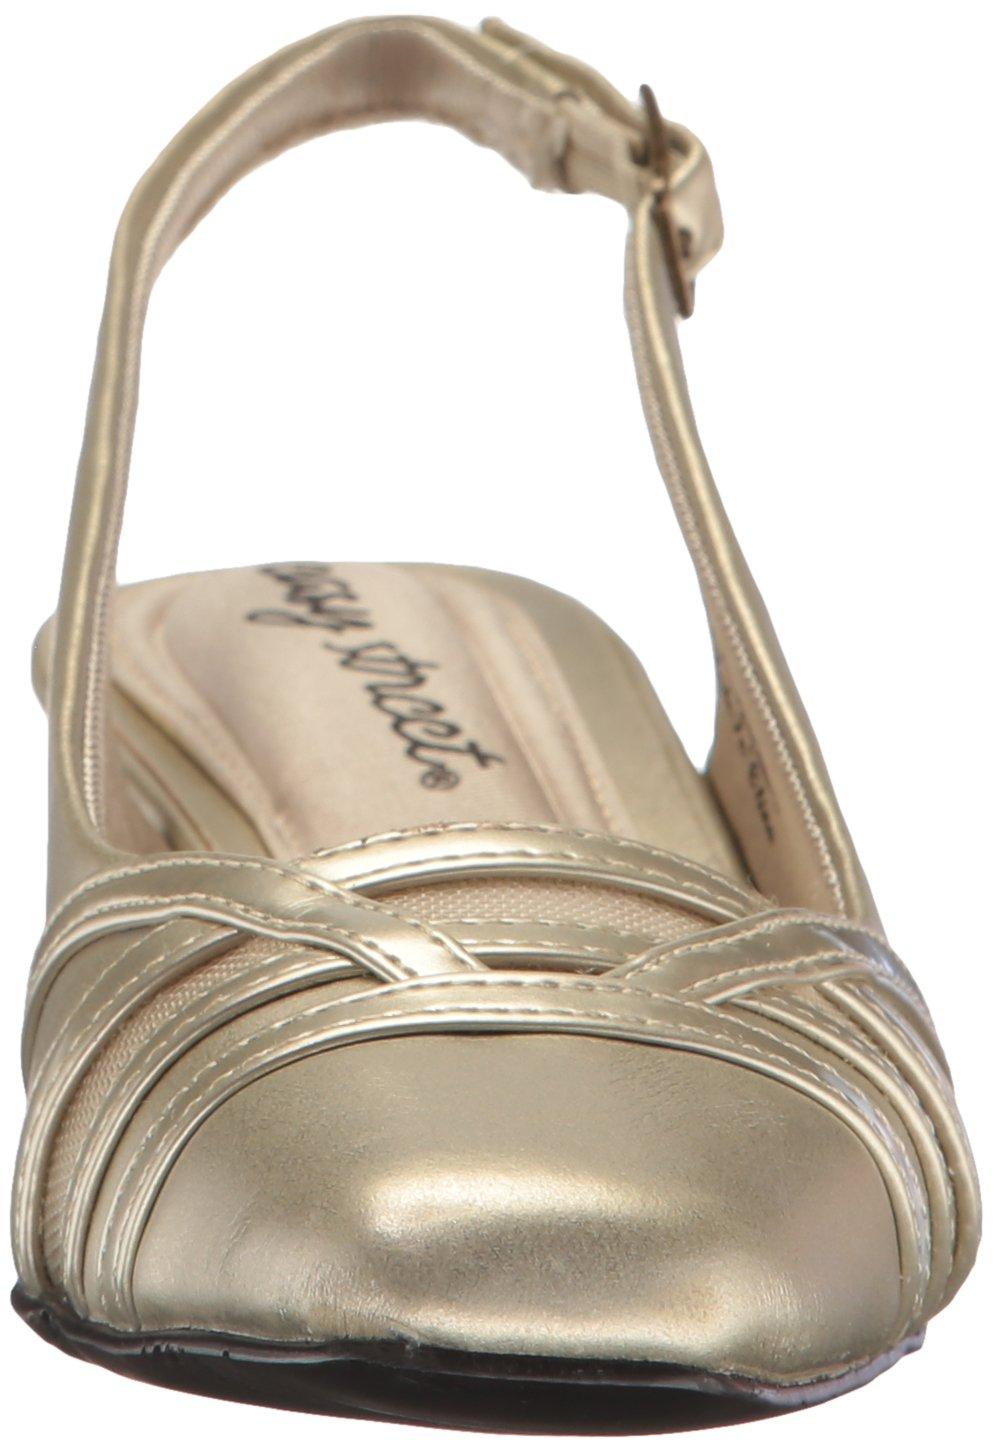 Easy Street Women's Kristen Dress Pump B01MSSJUY3 12 W US|Champagne/Patent